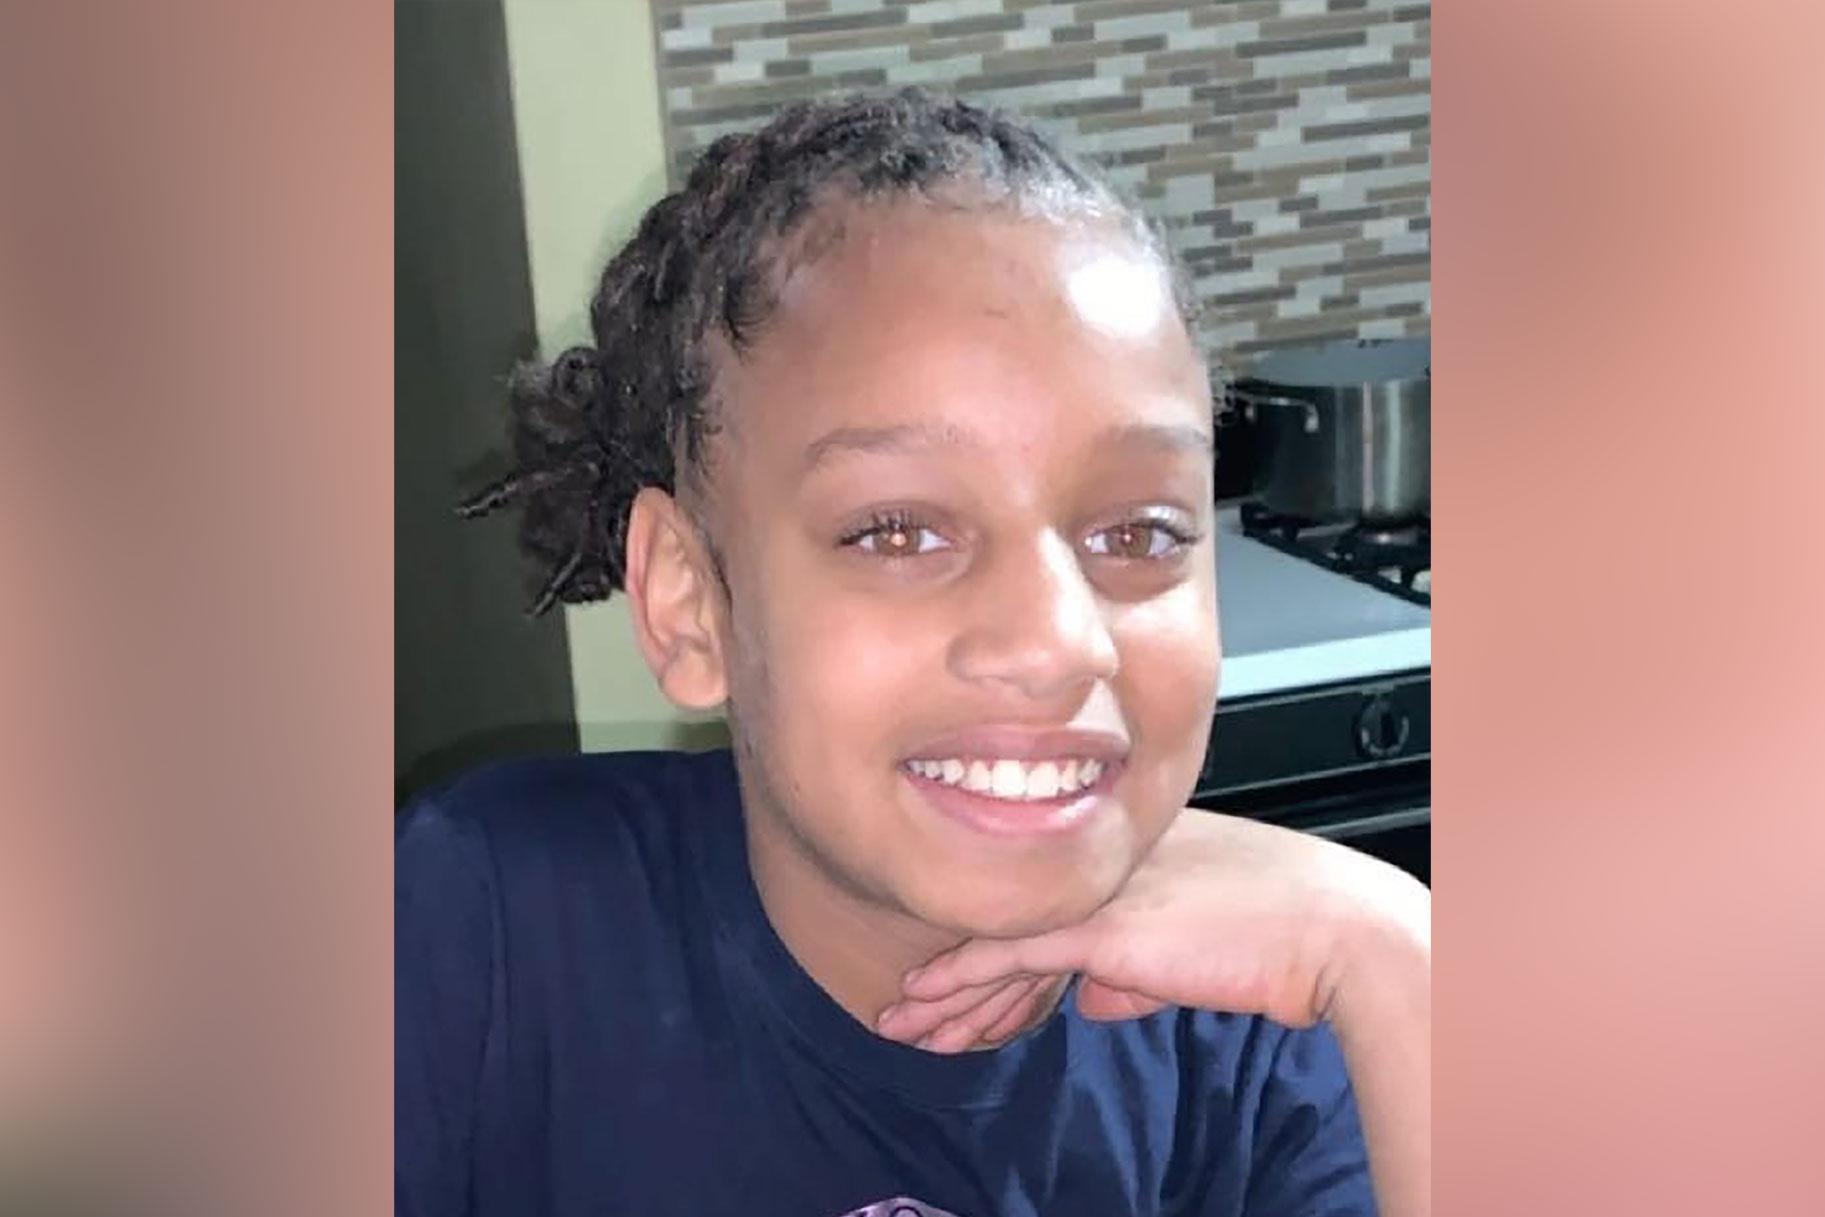 'Sõnad ei suuda kirjeldada südamevalu': Iowa tiigist leiti kadunud kümneaastase tüdruku jäänused